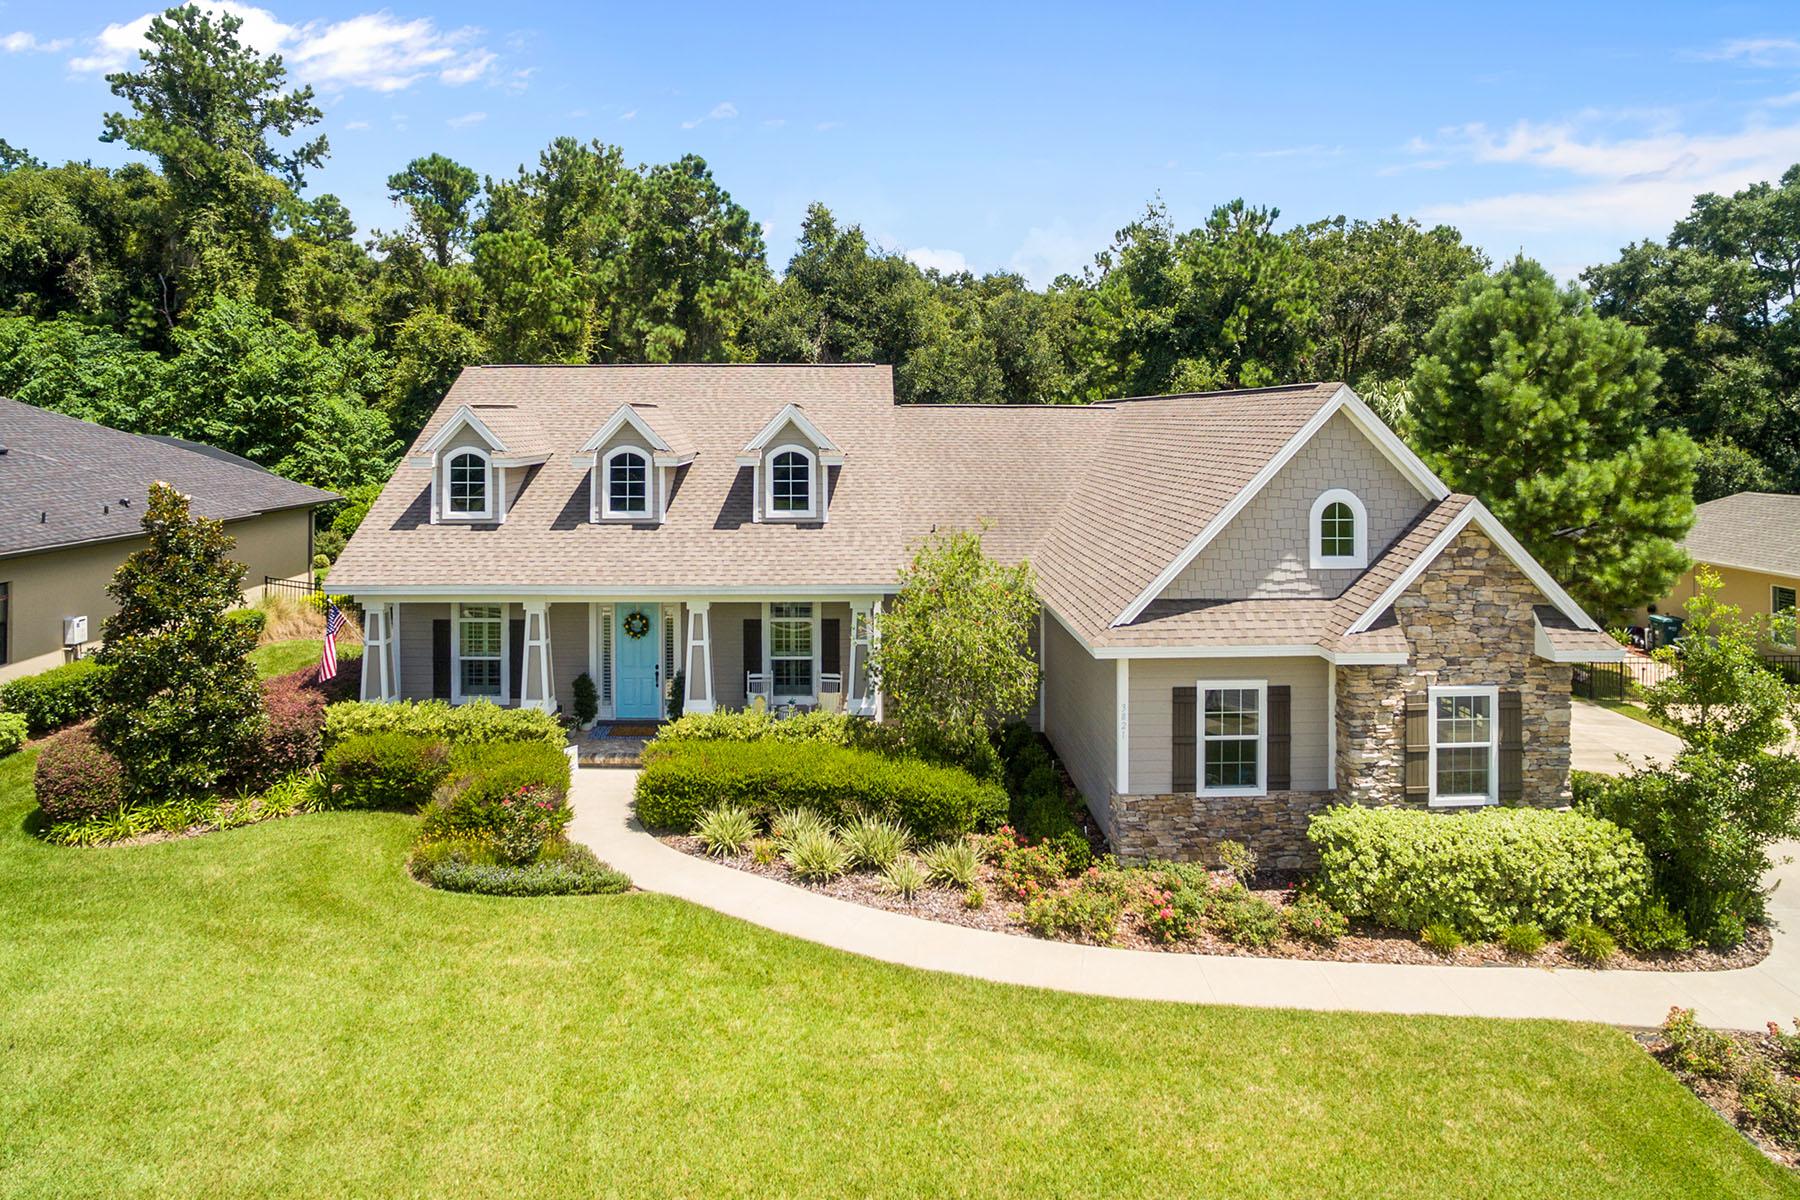 Single Family Homes für Verkauf beim OCALA 3821 10th Ave, Ocala, Florida 34480 Vereinigte Staaten